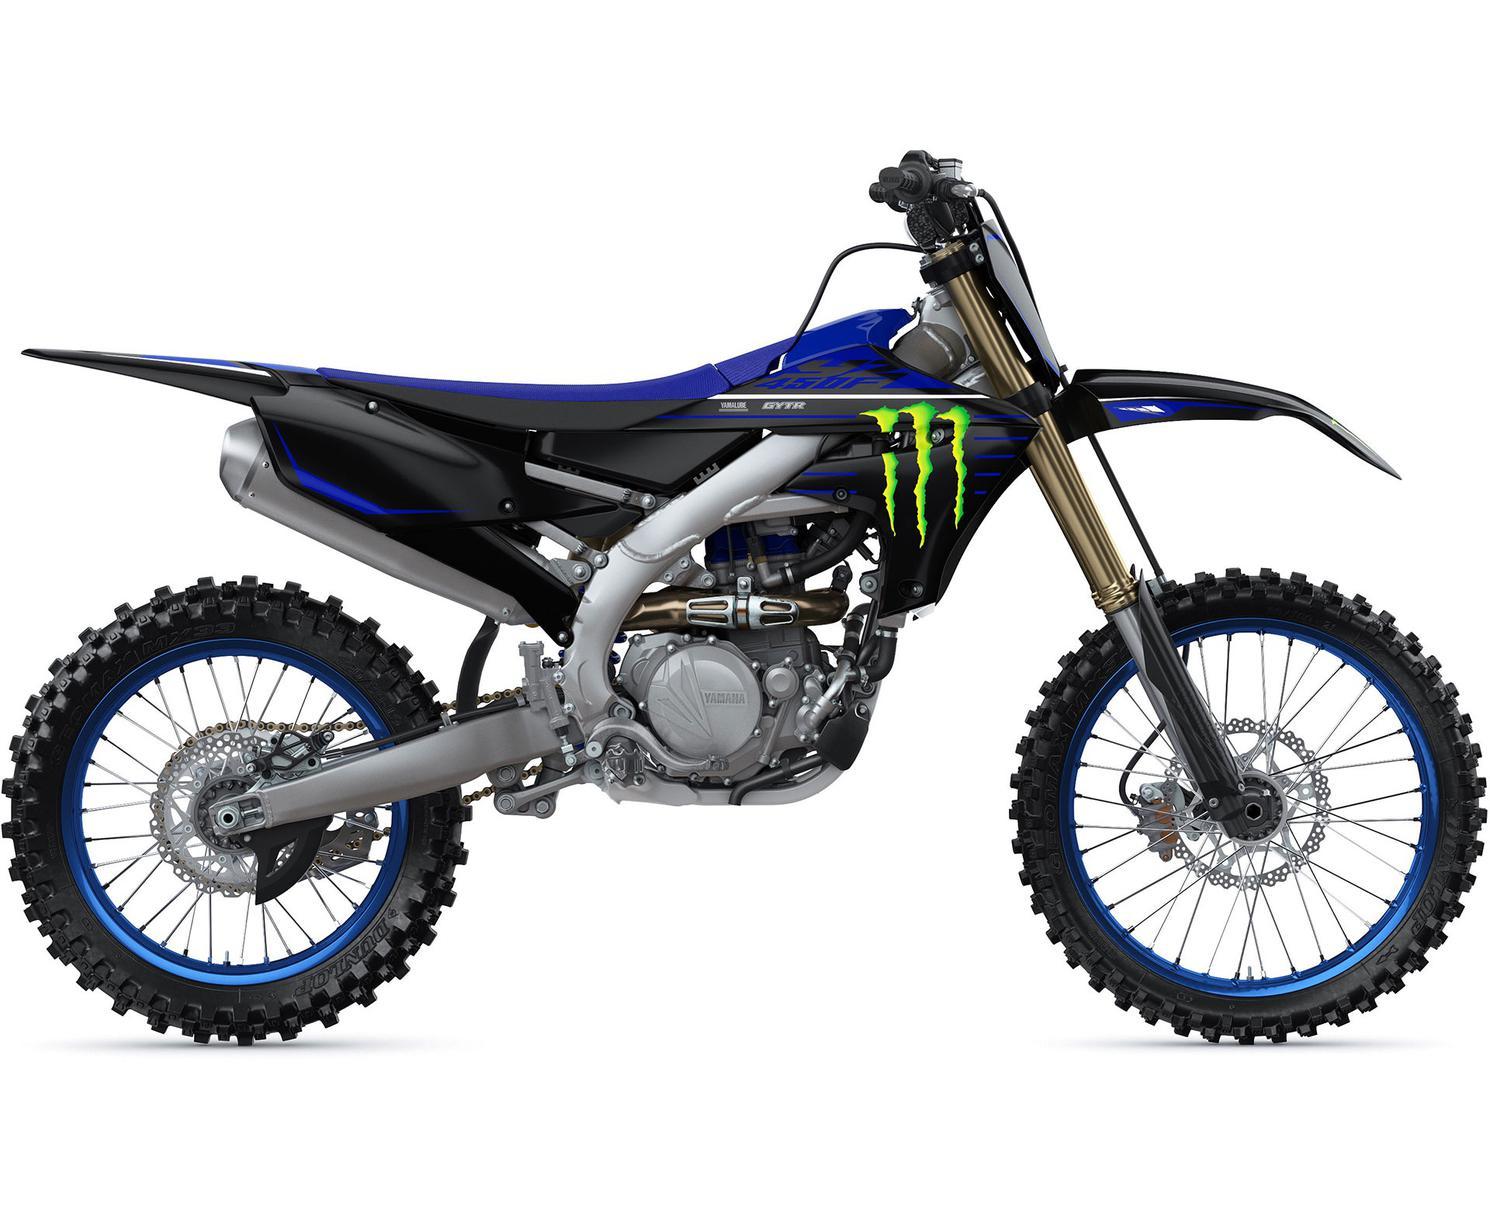 Yamaha YZ450F Motif Monster Energy Yamaha Racing 2021